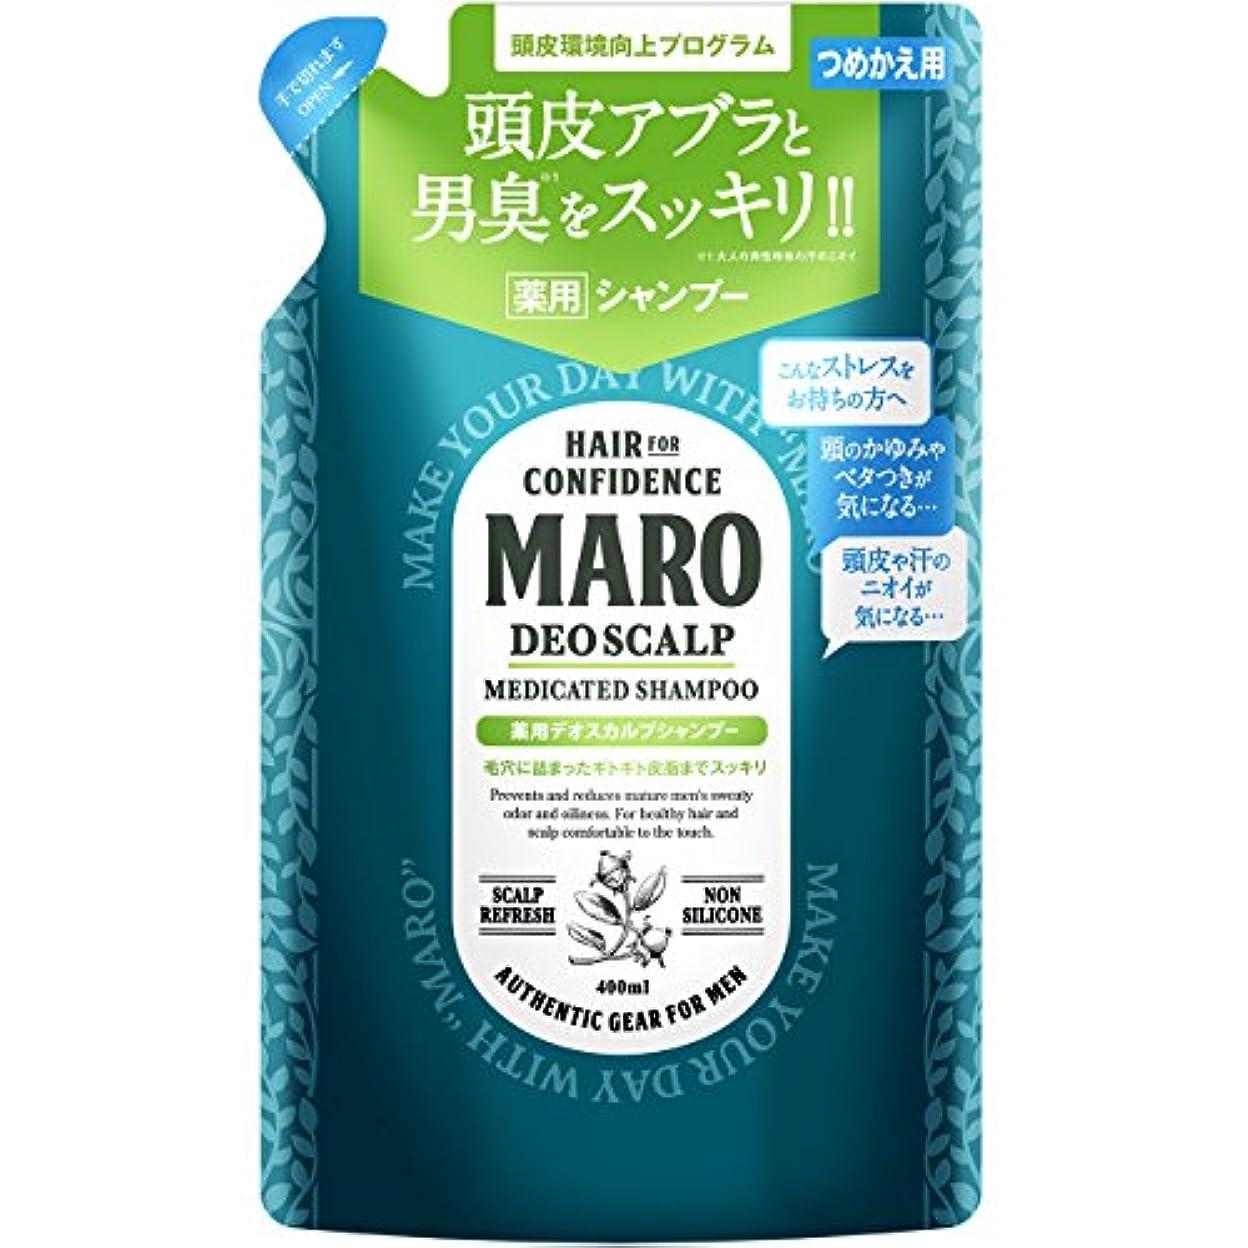 高潔な無条件可能MARO 薬用 デオスカルプ シャンプー 詰め替え 400ml 【医薬部外品】